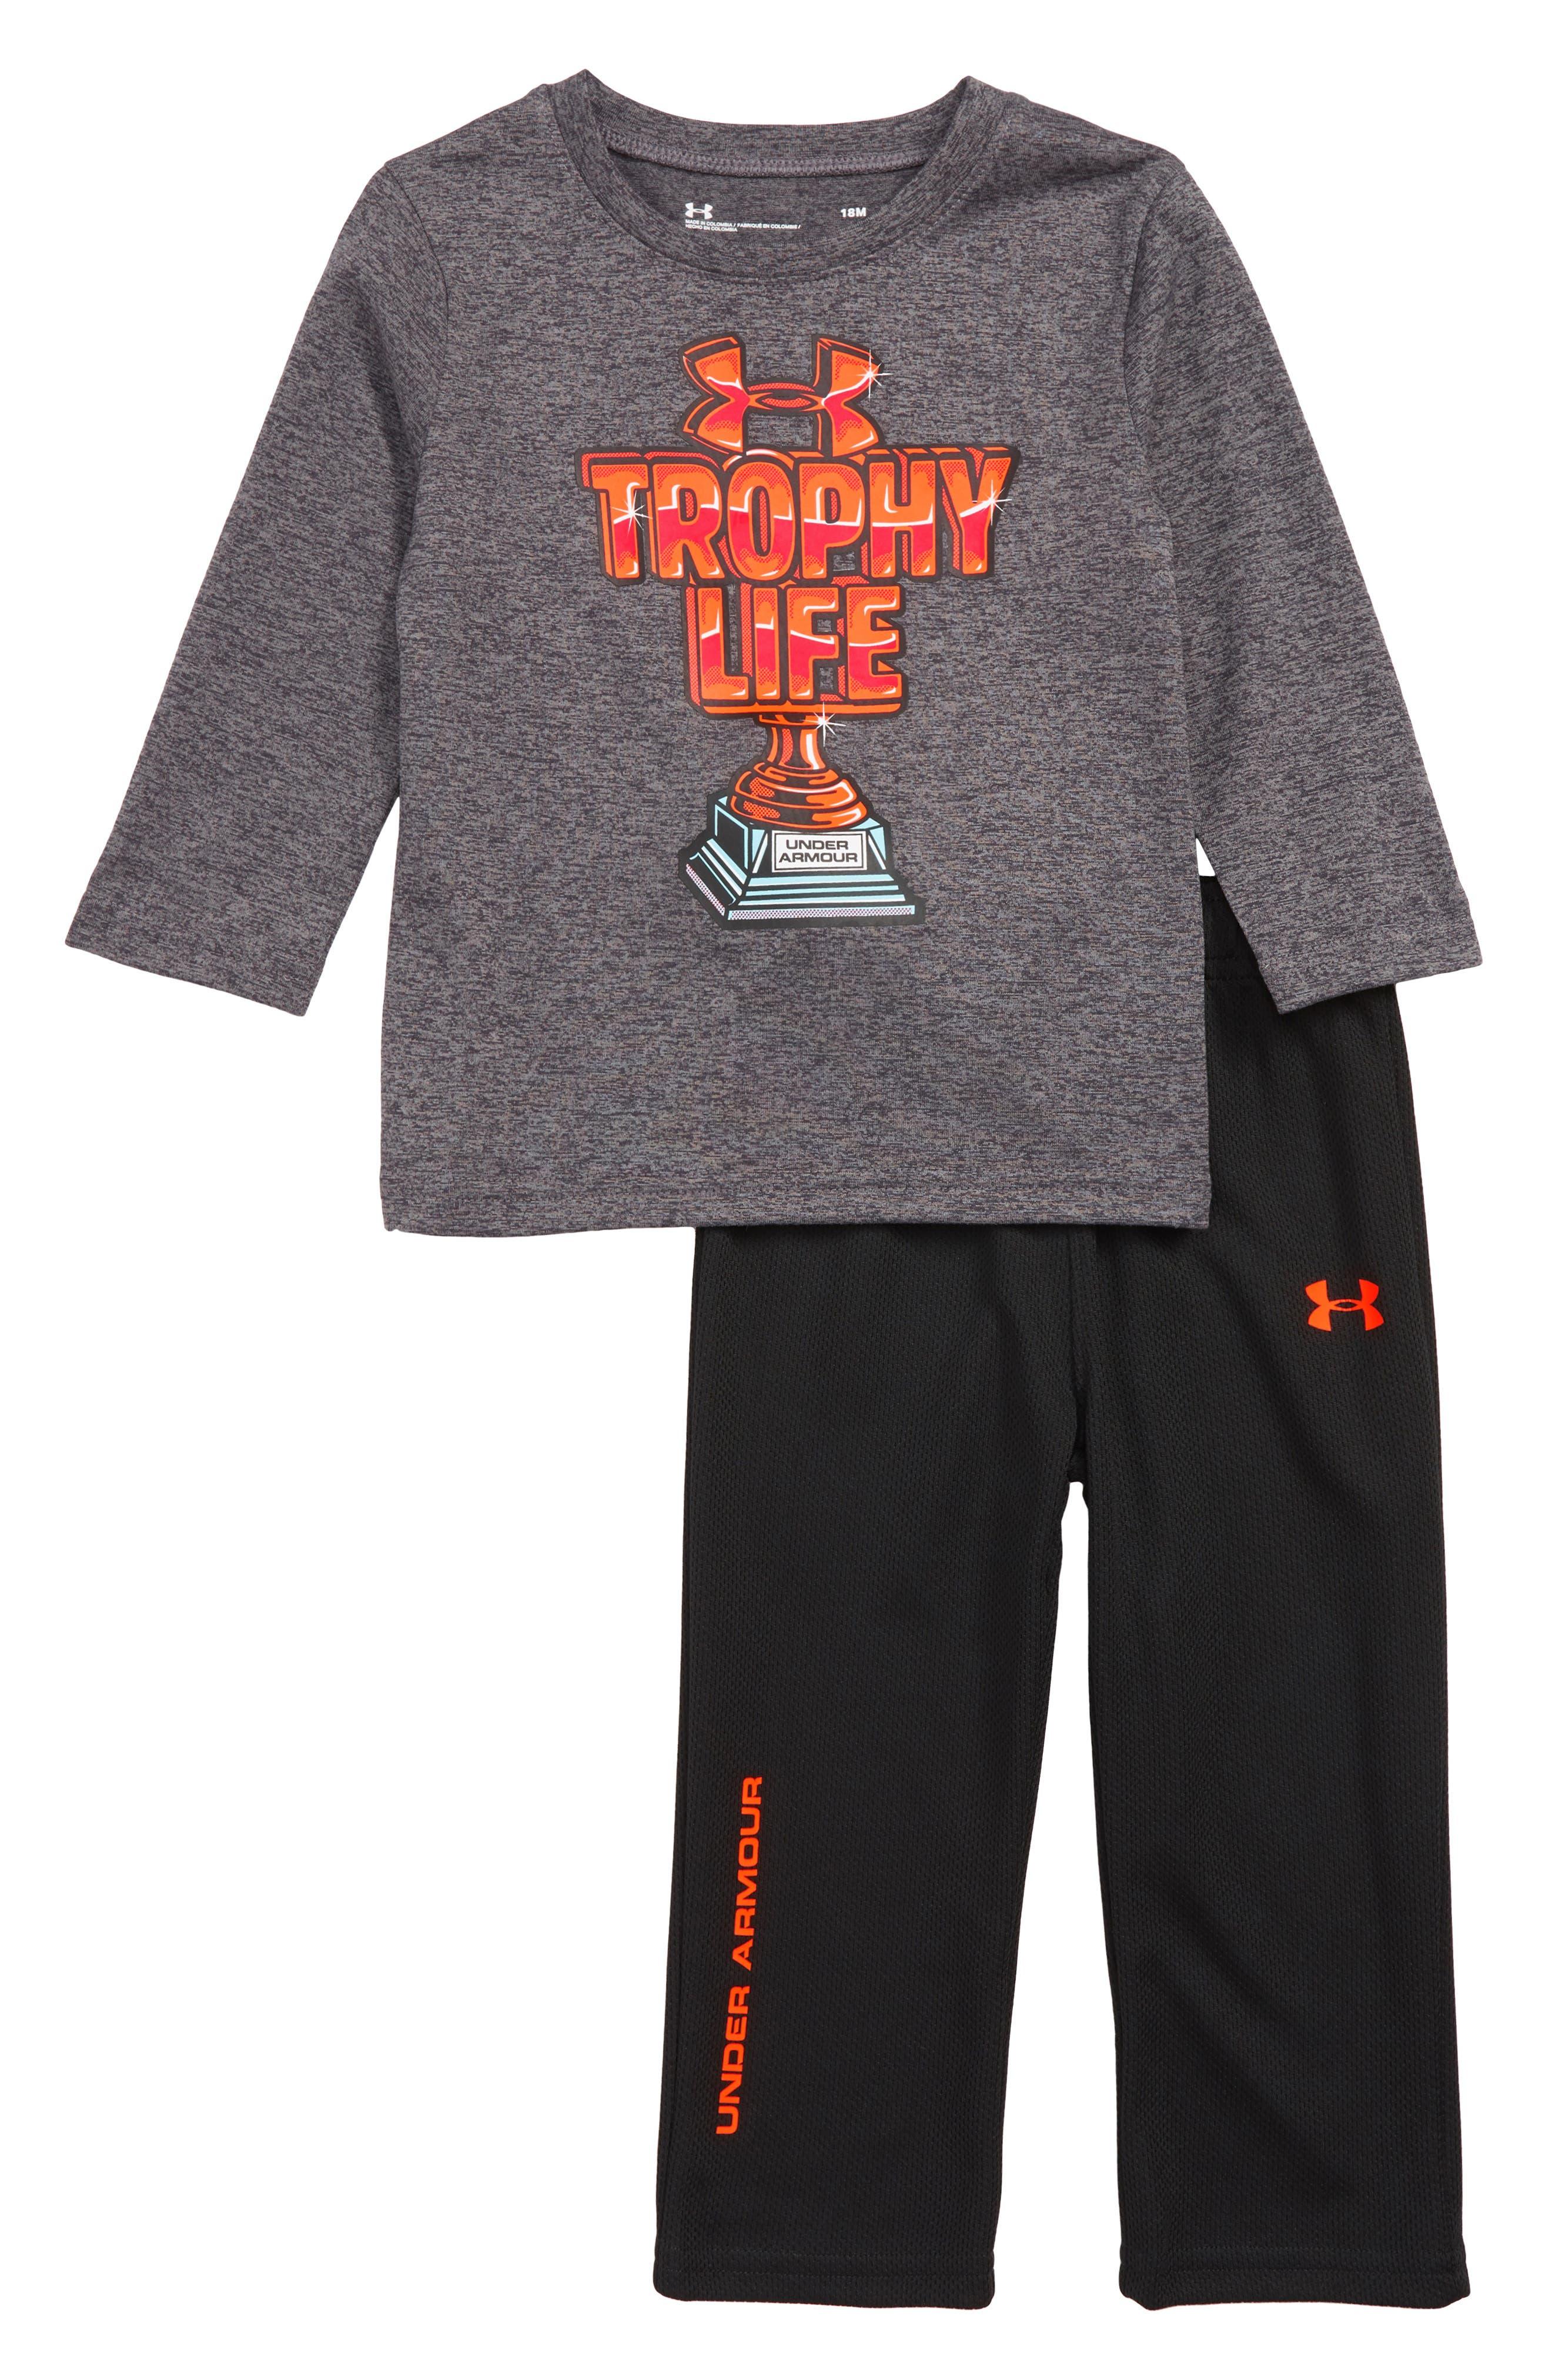 Trophy T-Shirt and Pants Set,                             Main thumbnail 1, color,                             CARBON HEATHER